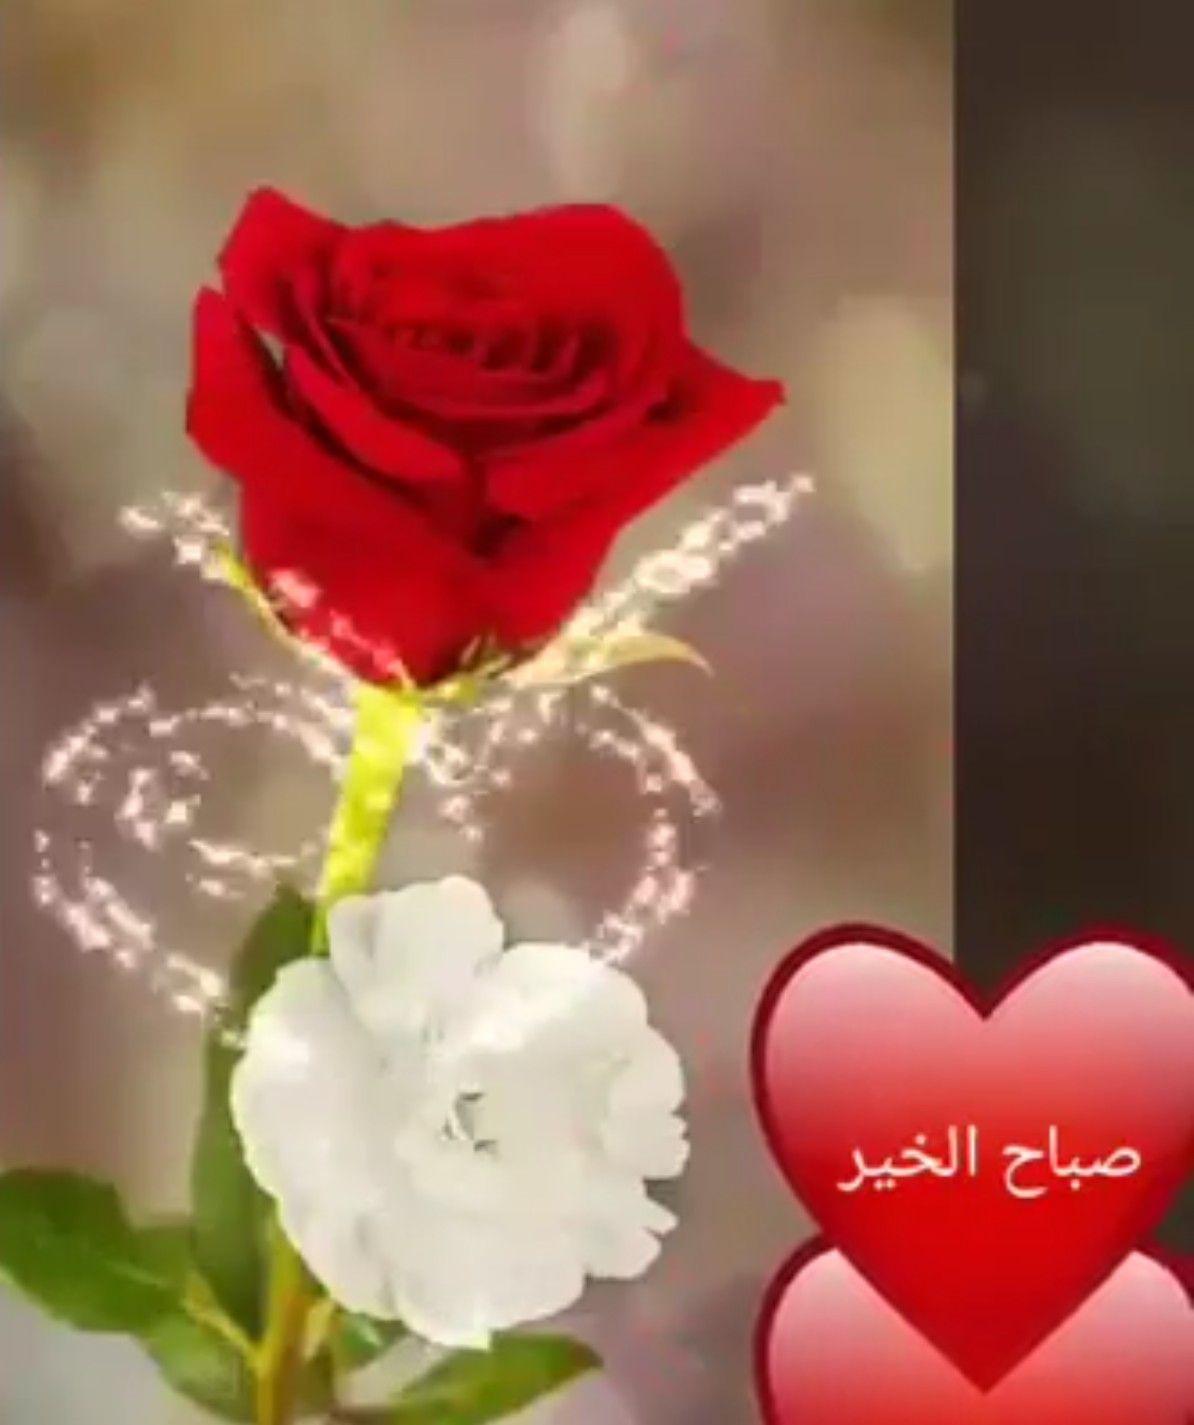 مع نسائم الصباح إليكم هذه الهدية ملأ الله قلبكم بالأنوار وحفظكم من الأخطار وأسعدكم ما دام الليل والنهار وج Good Morning Gif Morning Gif Good Morning